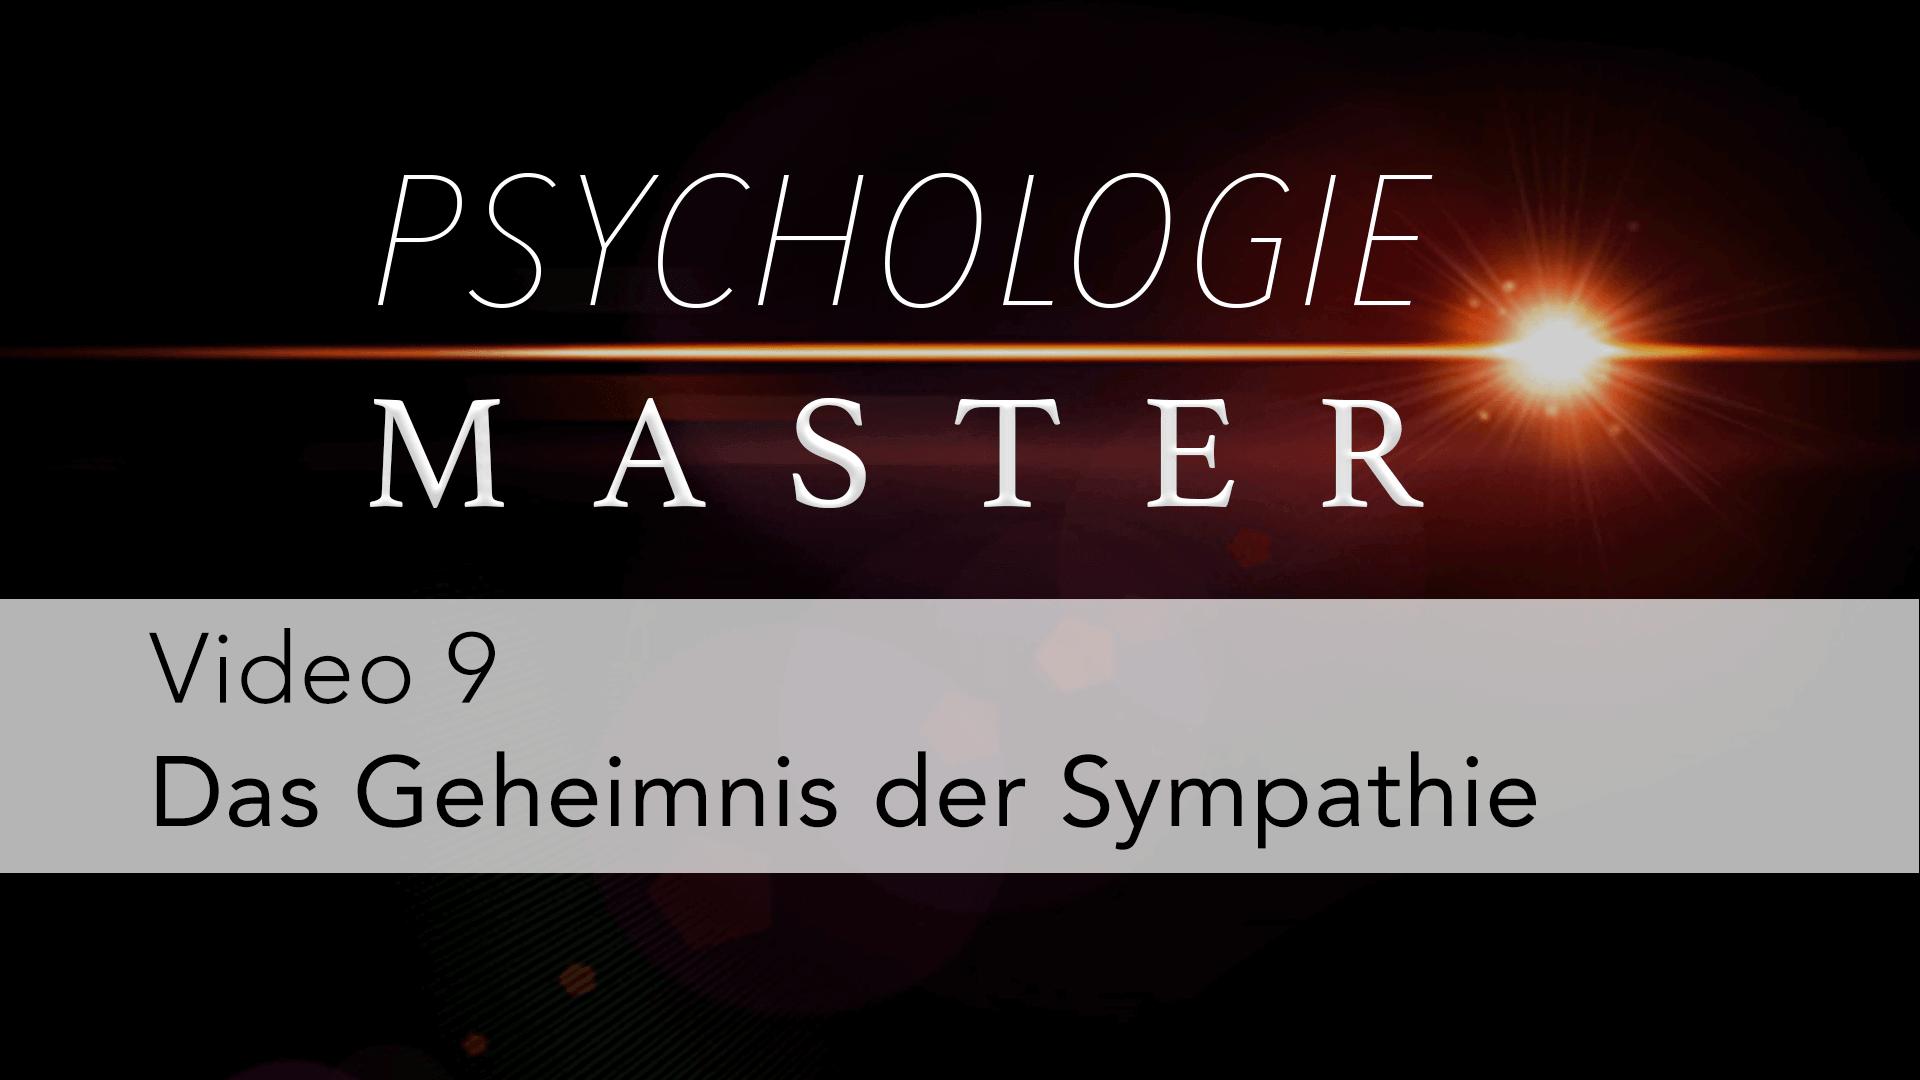 Psychologiemaster von Maxim Mankevich 15